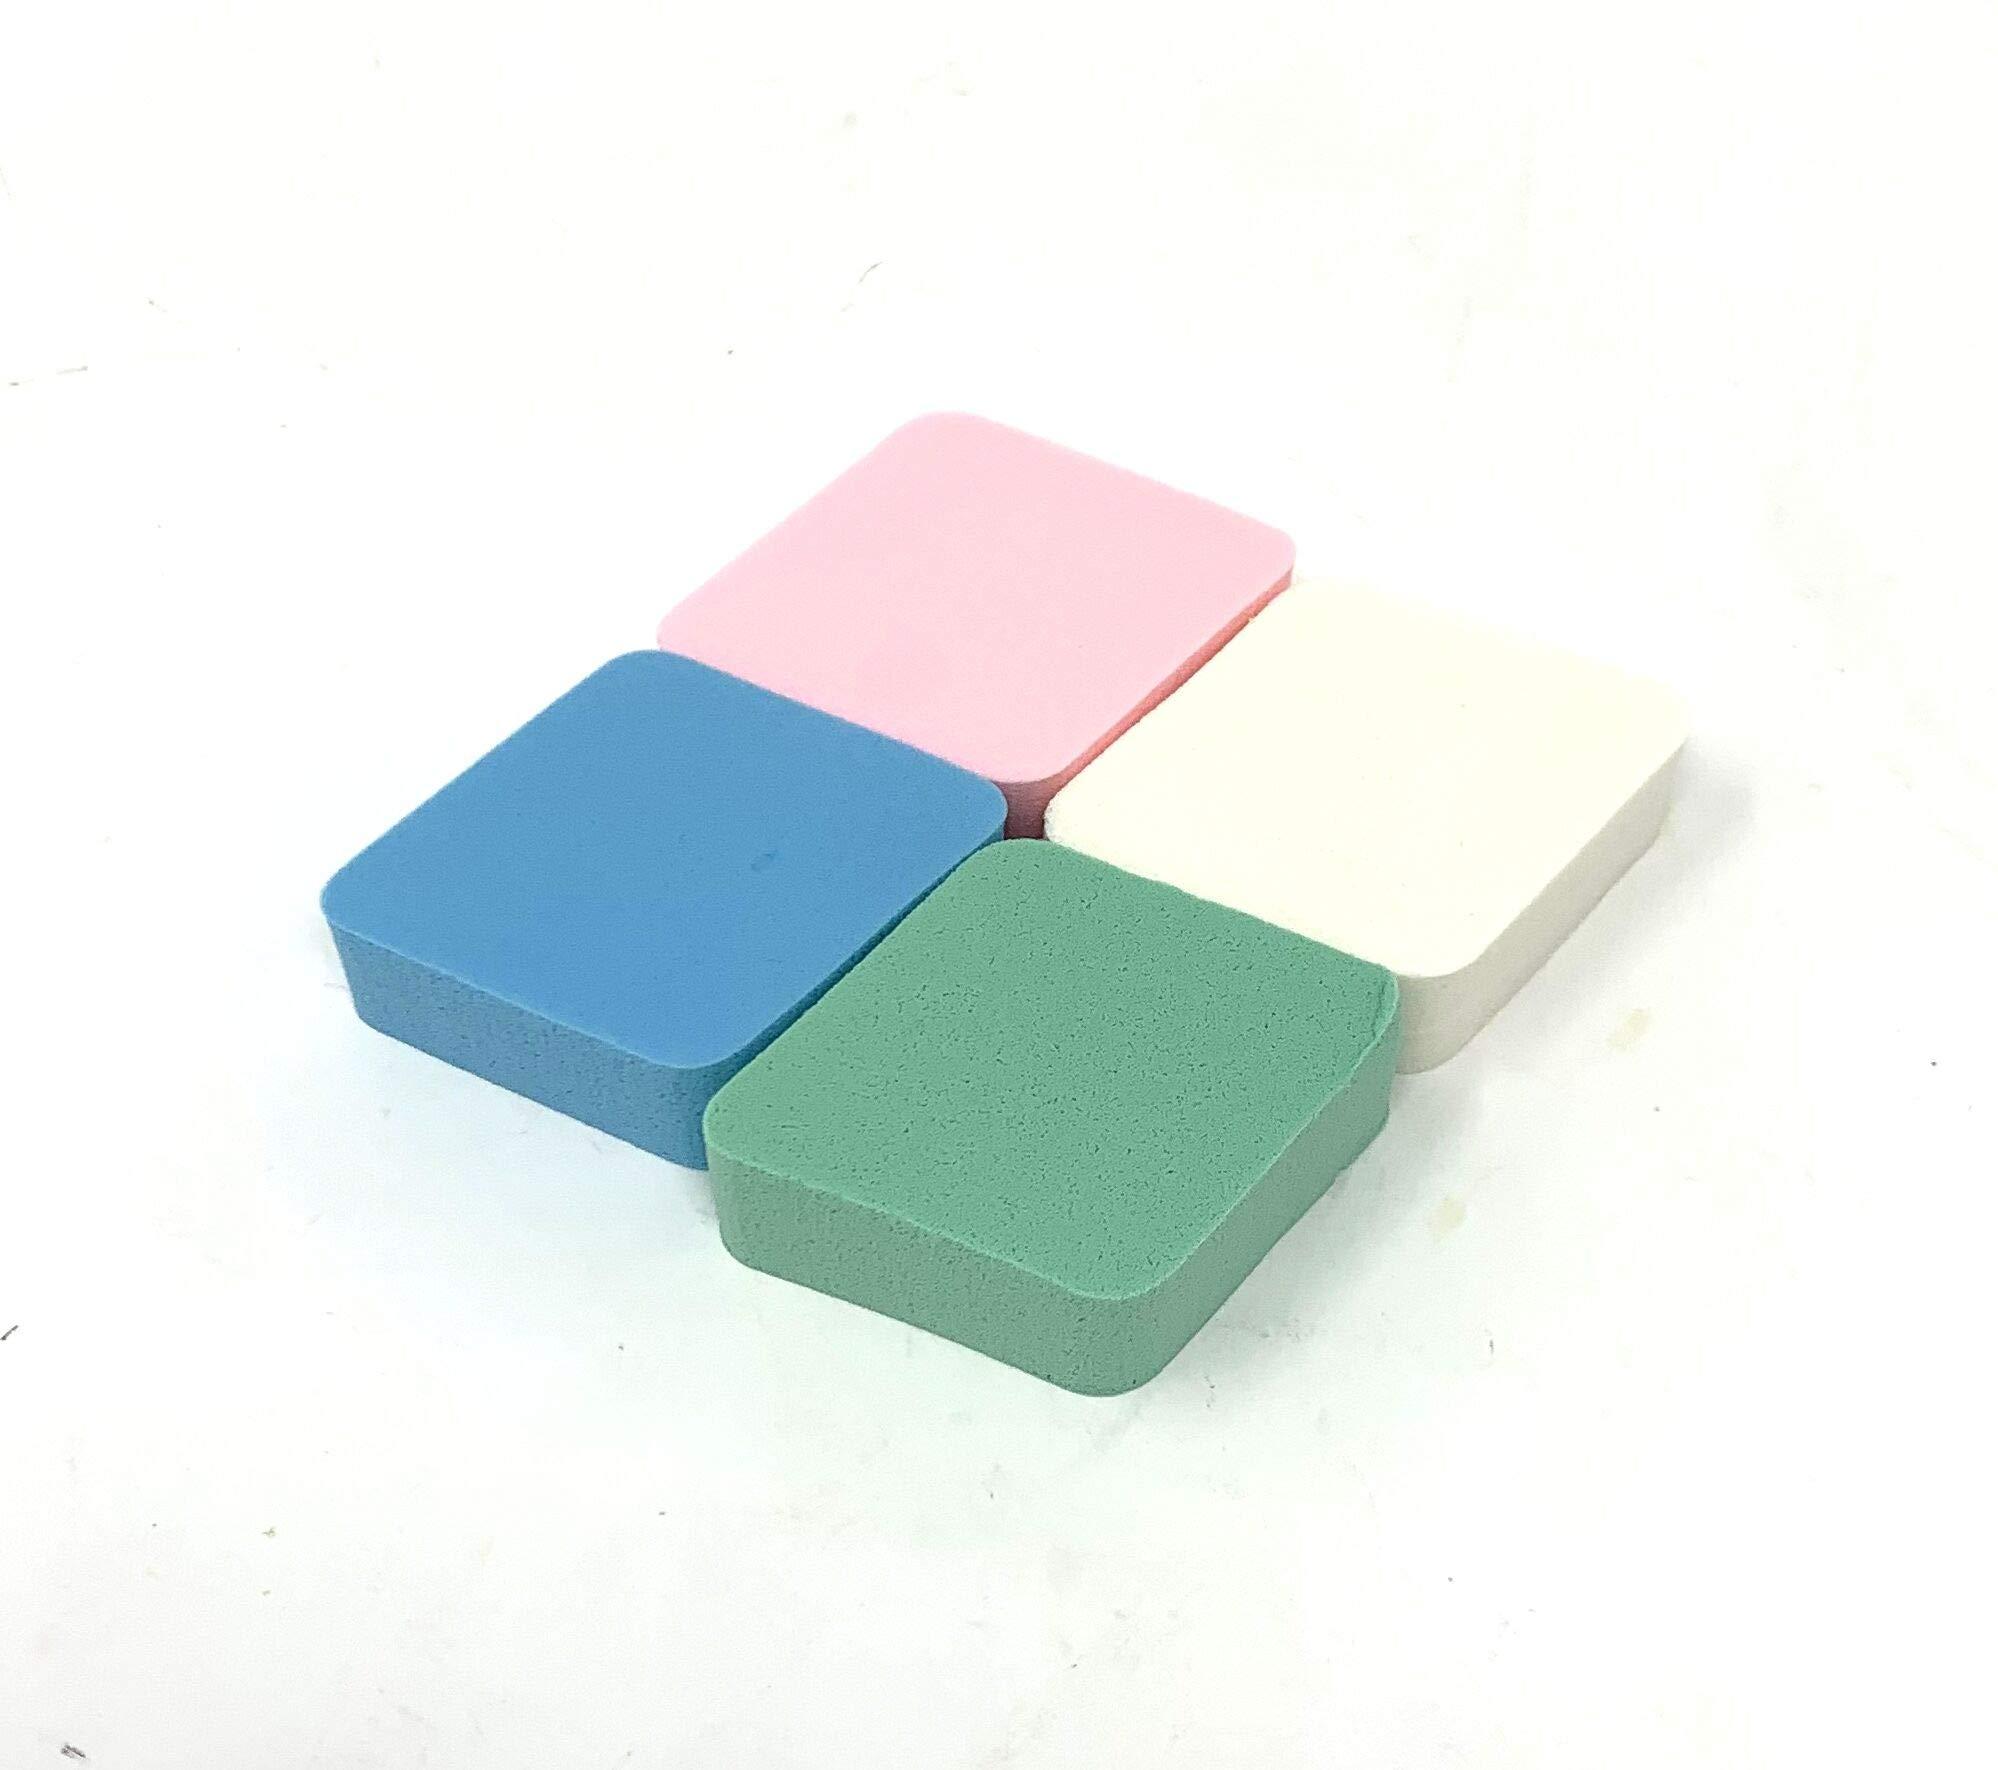 800 Pack Makeup Sponge Set Soft Diamond Shaped Beauty Sponges Fun Assorted Colors Wholesale Bulk Lot by Chachlili